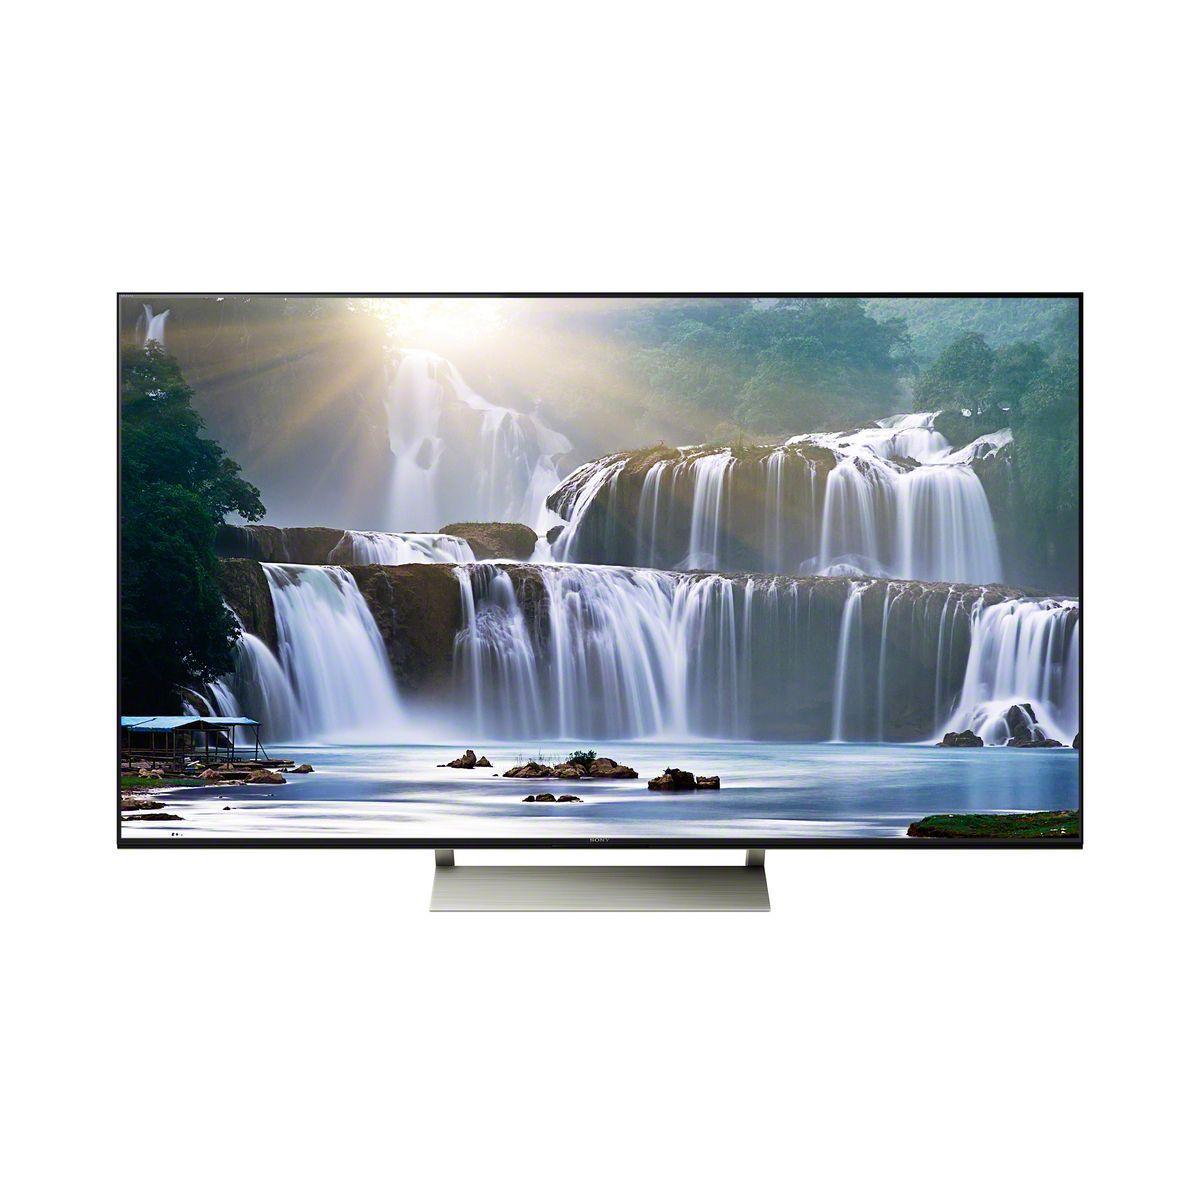 TV SONY KD55XE9305BAEP